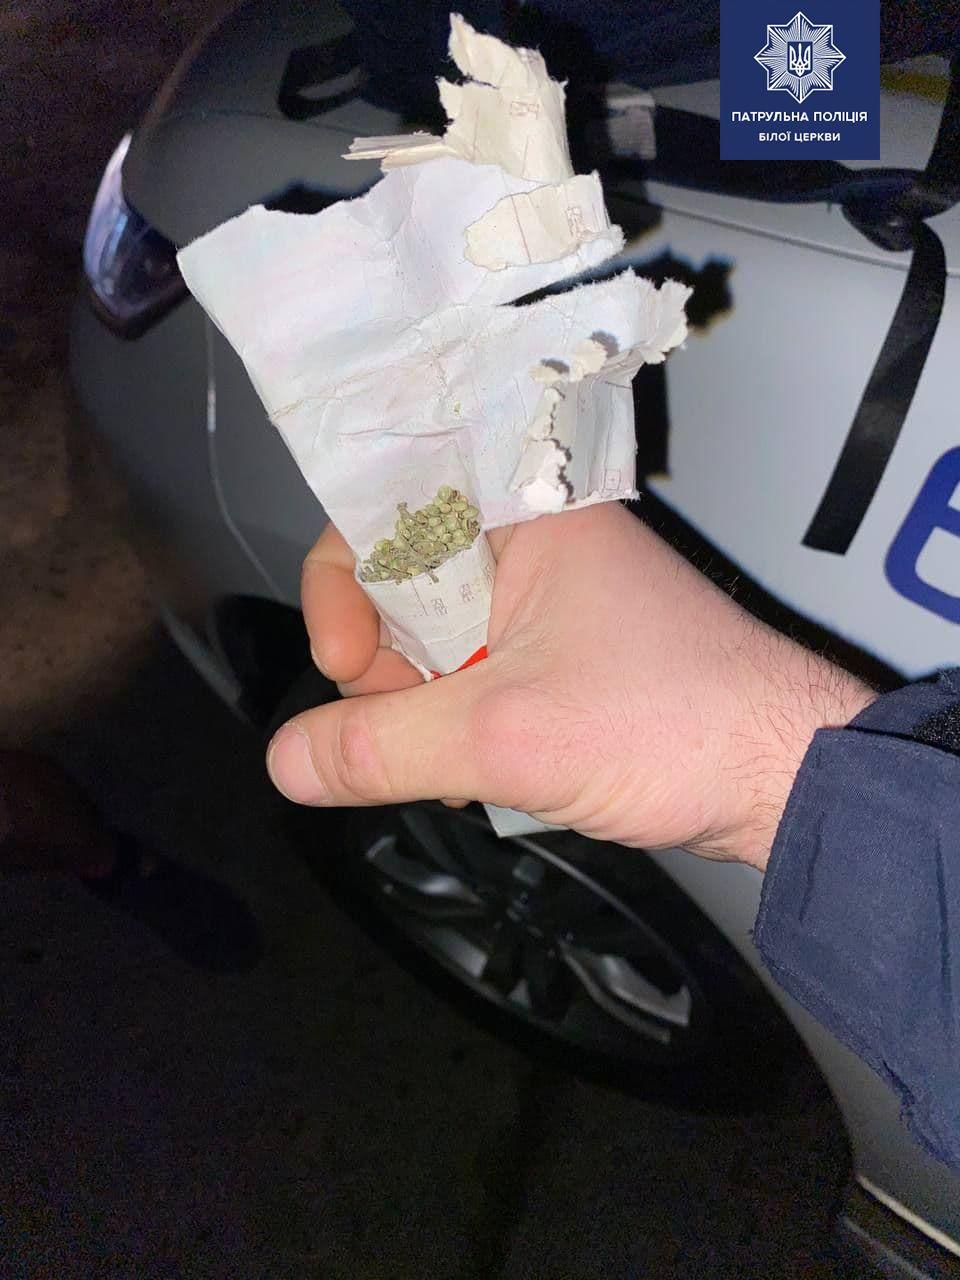 Поліція знайшла наркотичні речовини у двох жителів Білої Церкви - Патрульна поліція Білої Церкви, Наркотичні речовини, наркотики, канабіс - 138185943 1883272588506459 457384254844282656 o